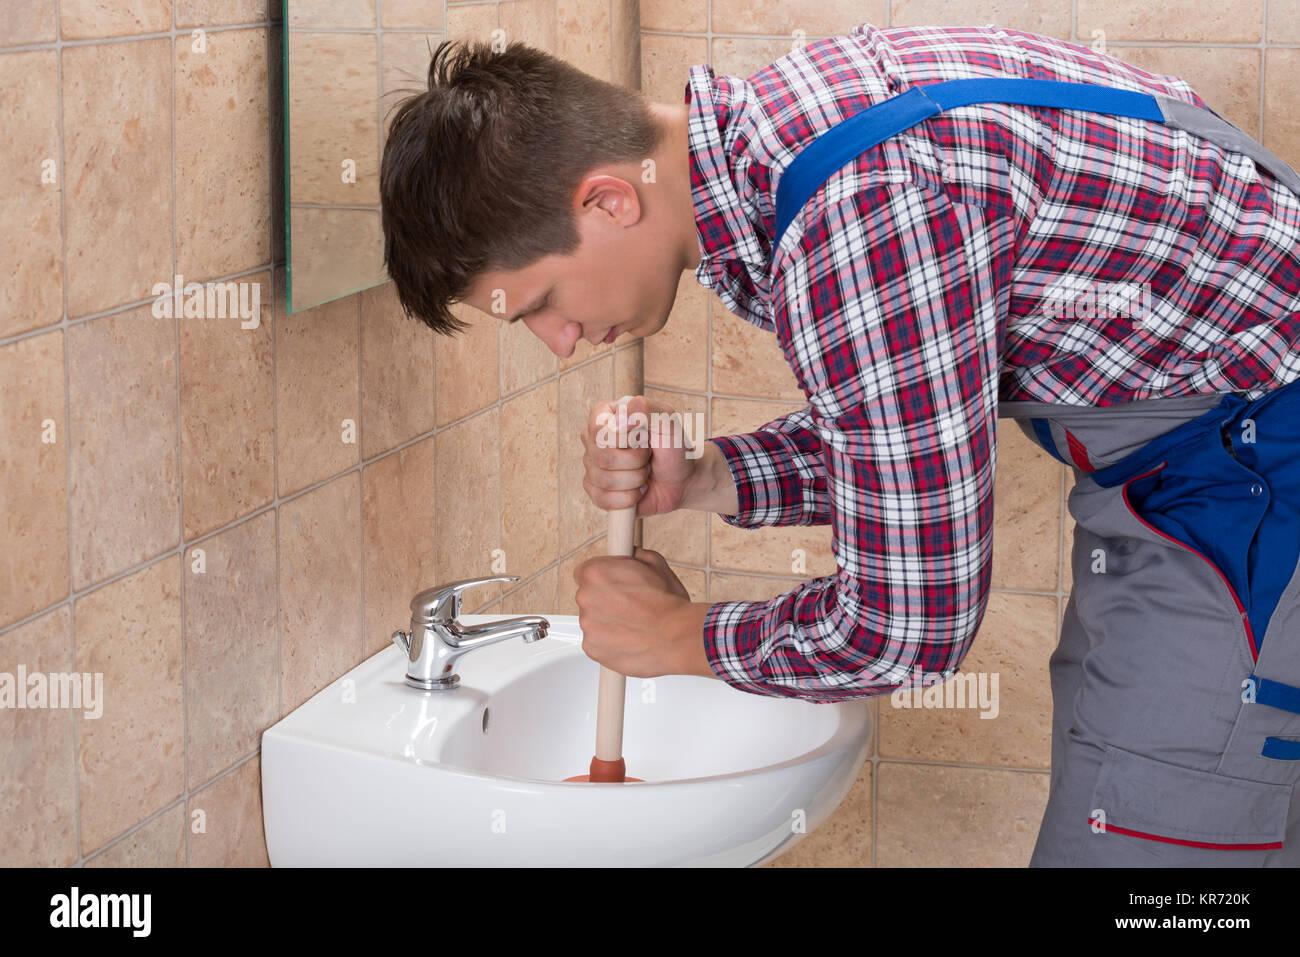 L'aide plombier plongeur dans salle de bain évier Photo Stock